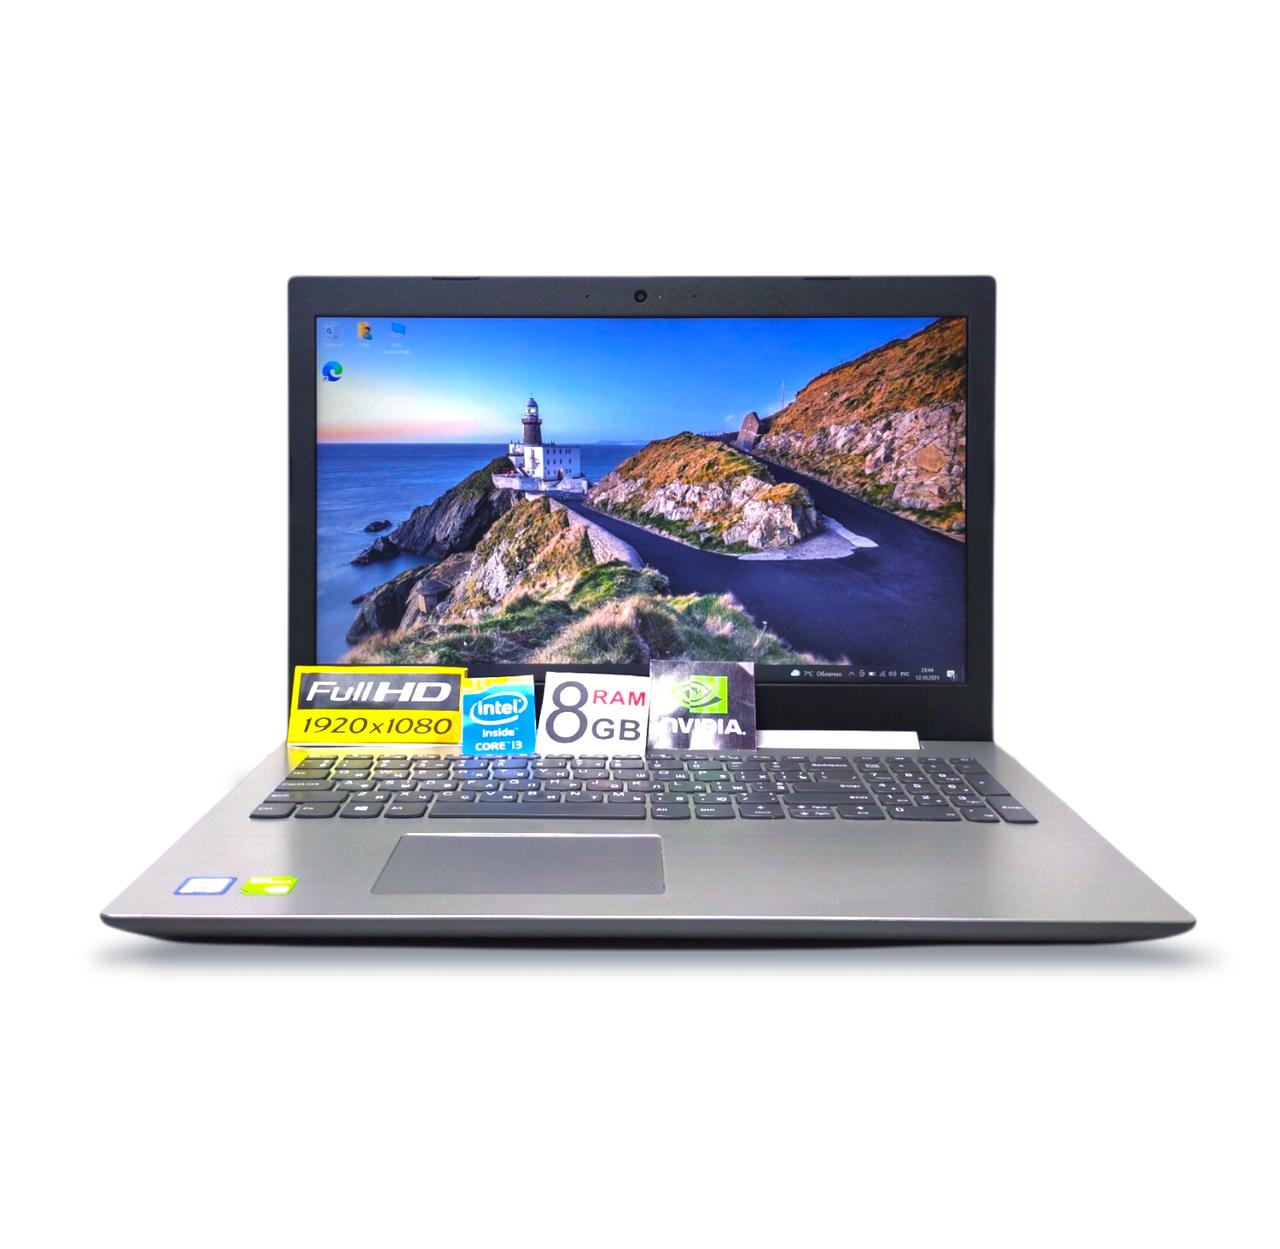 Ігровий Ноутбук Lenovo Ideapad 330 15.6 FHD i3-7020 8GB DDR4 HDD 1TB NVIDIA MX150 2GB GDDR5